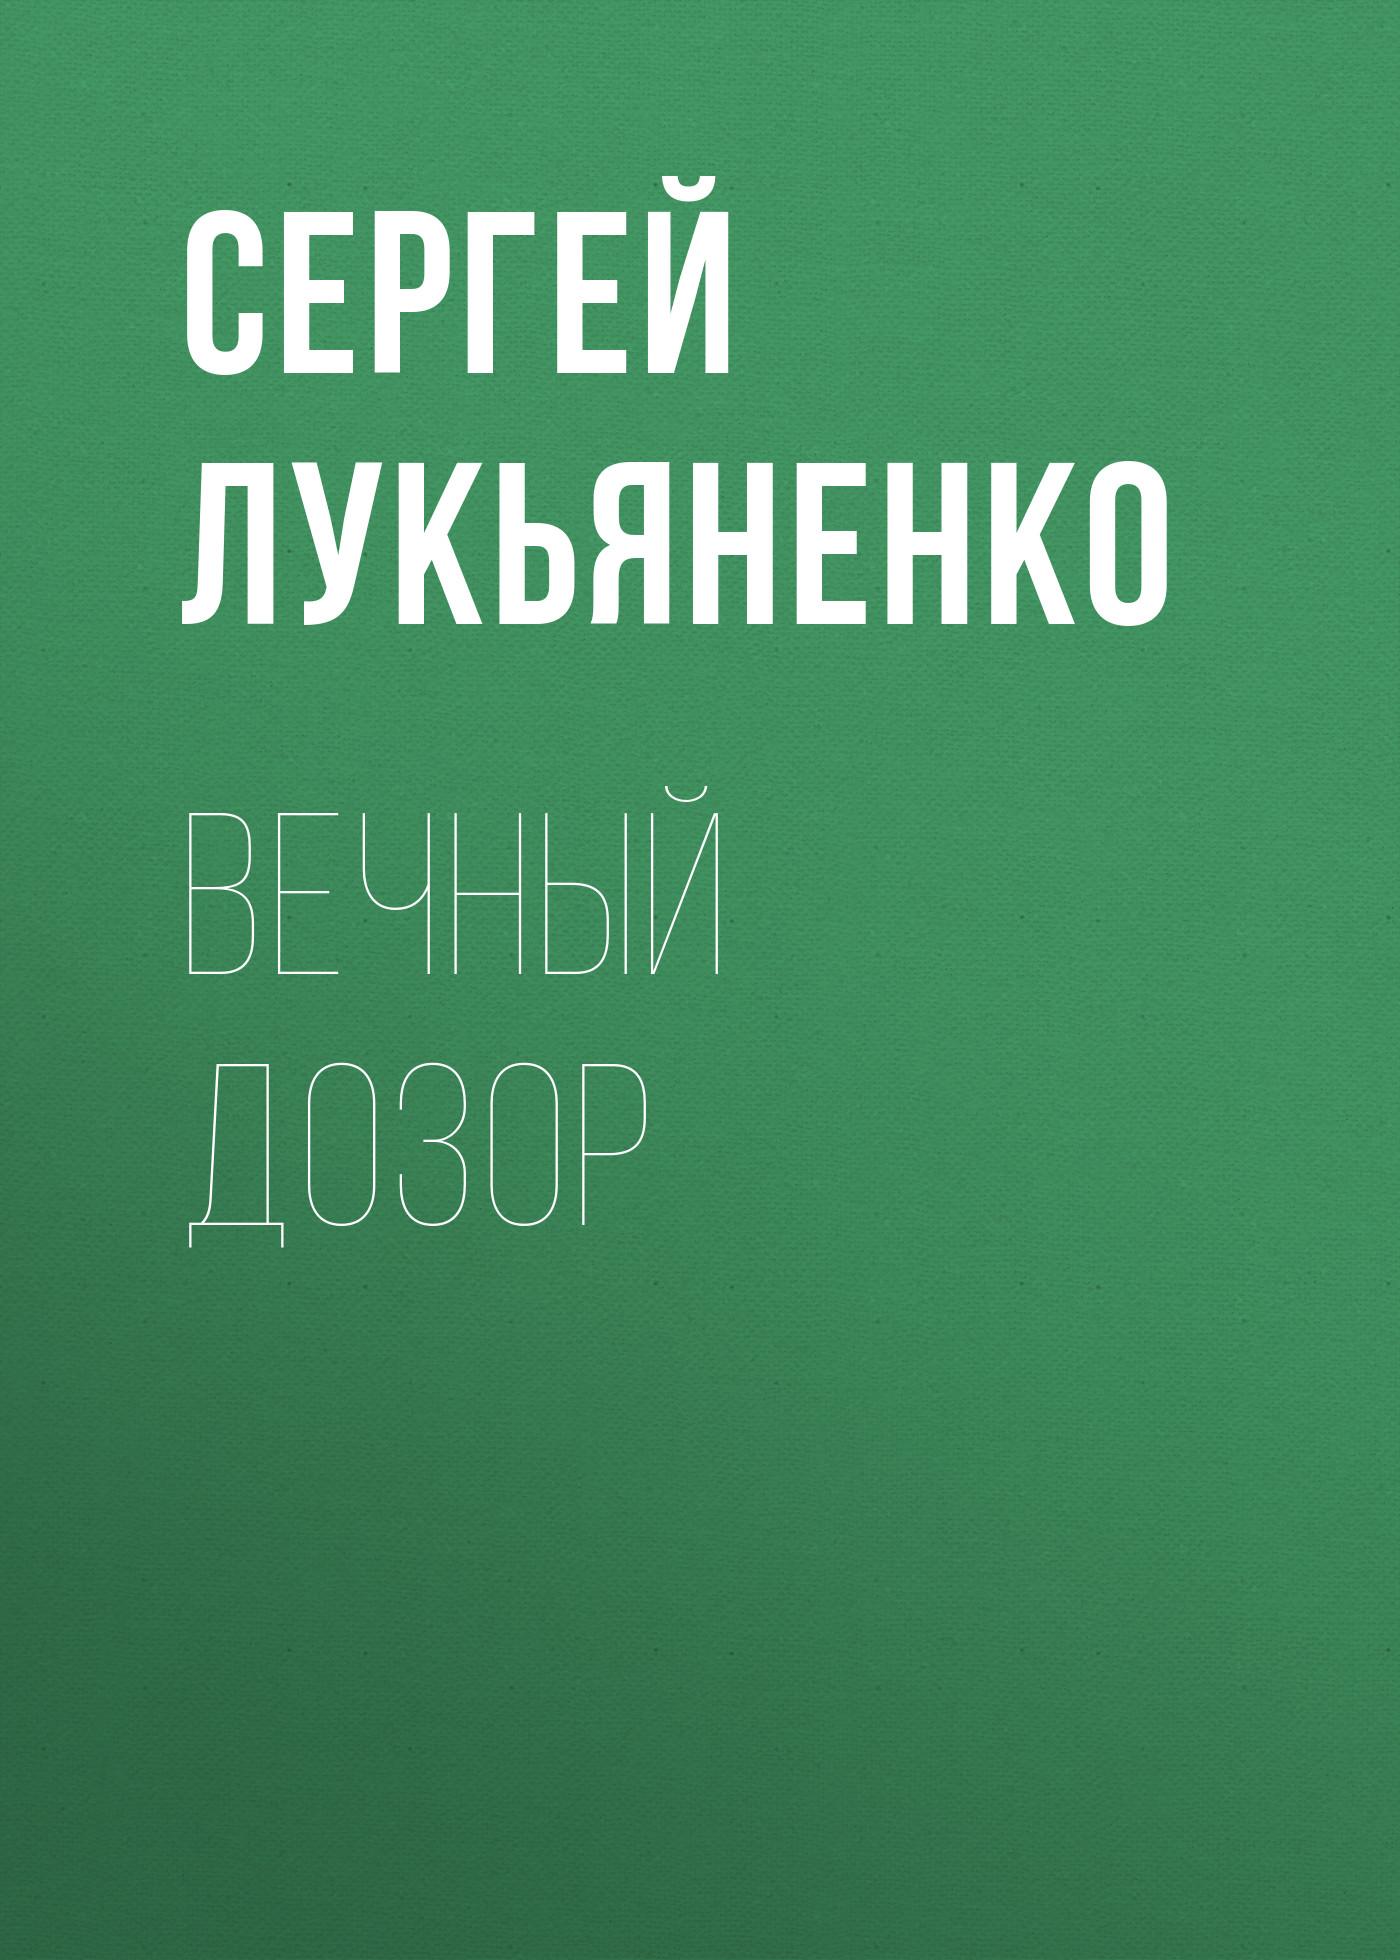 Электронная книга «Вечный дозор» – Сергей Лукьяненко